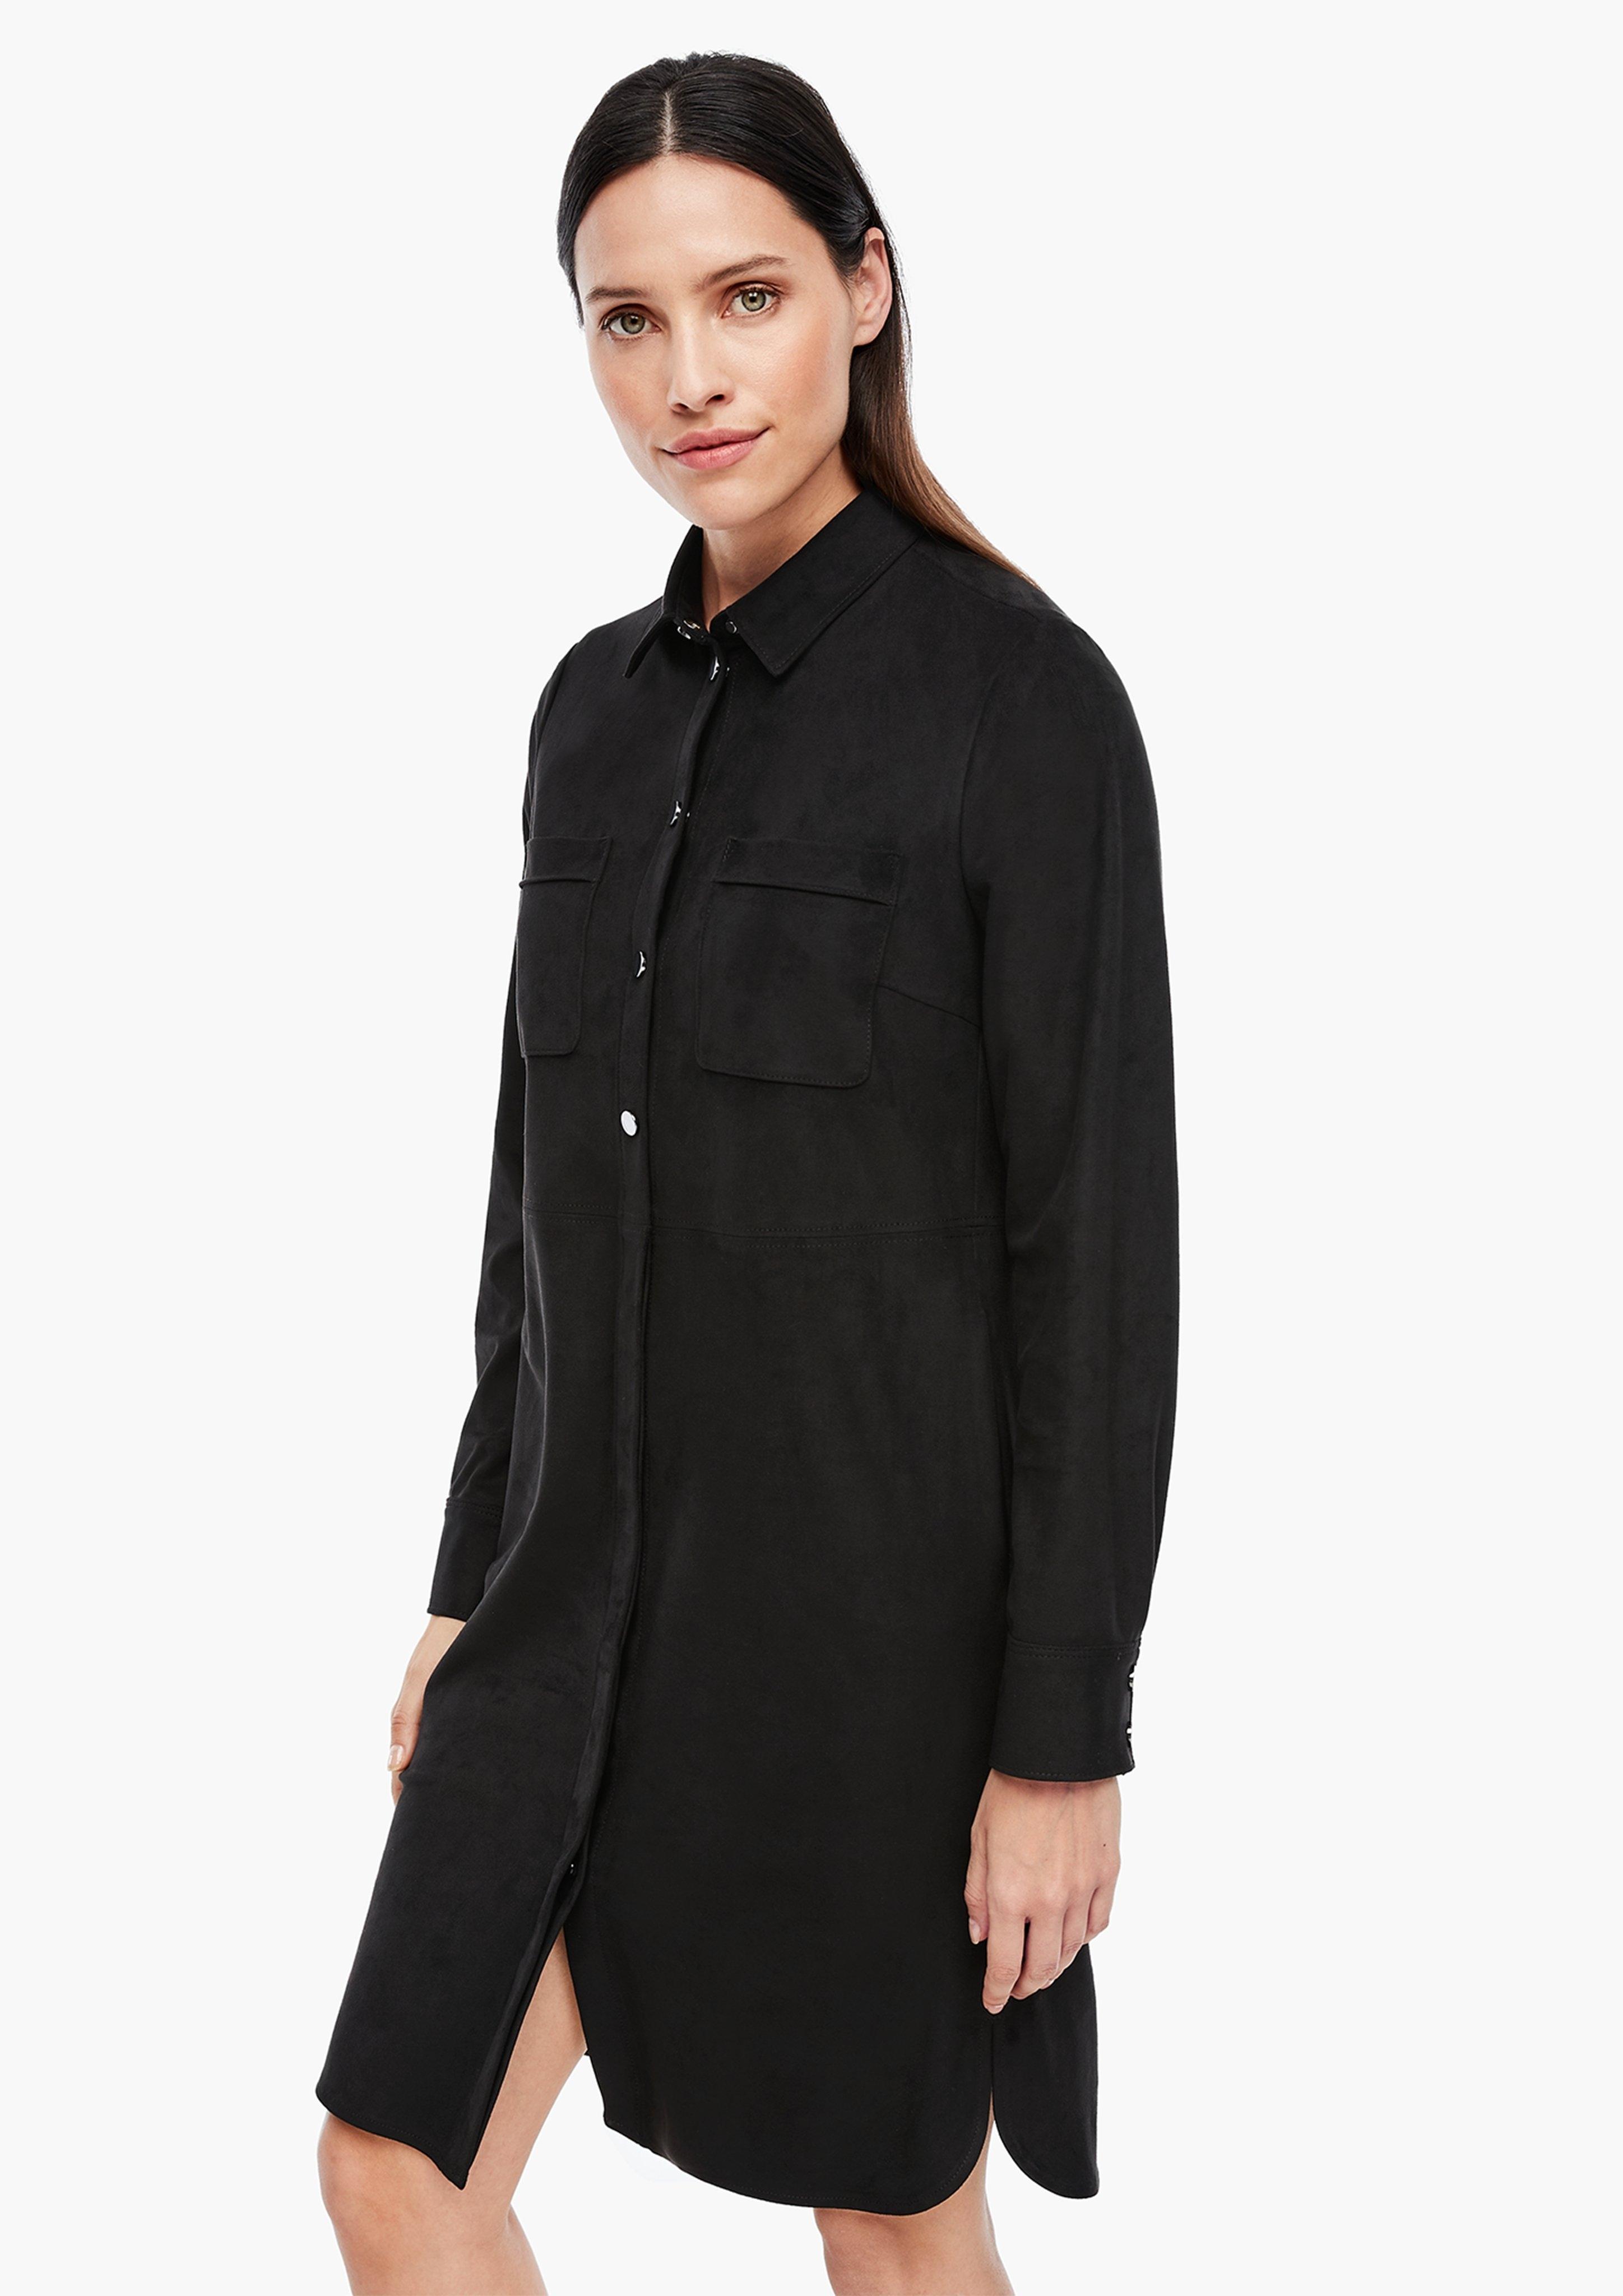 s.Oliver BLACK LABEL jurk met overhemdkraag nu online kopen bij OTTO